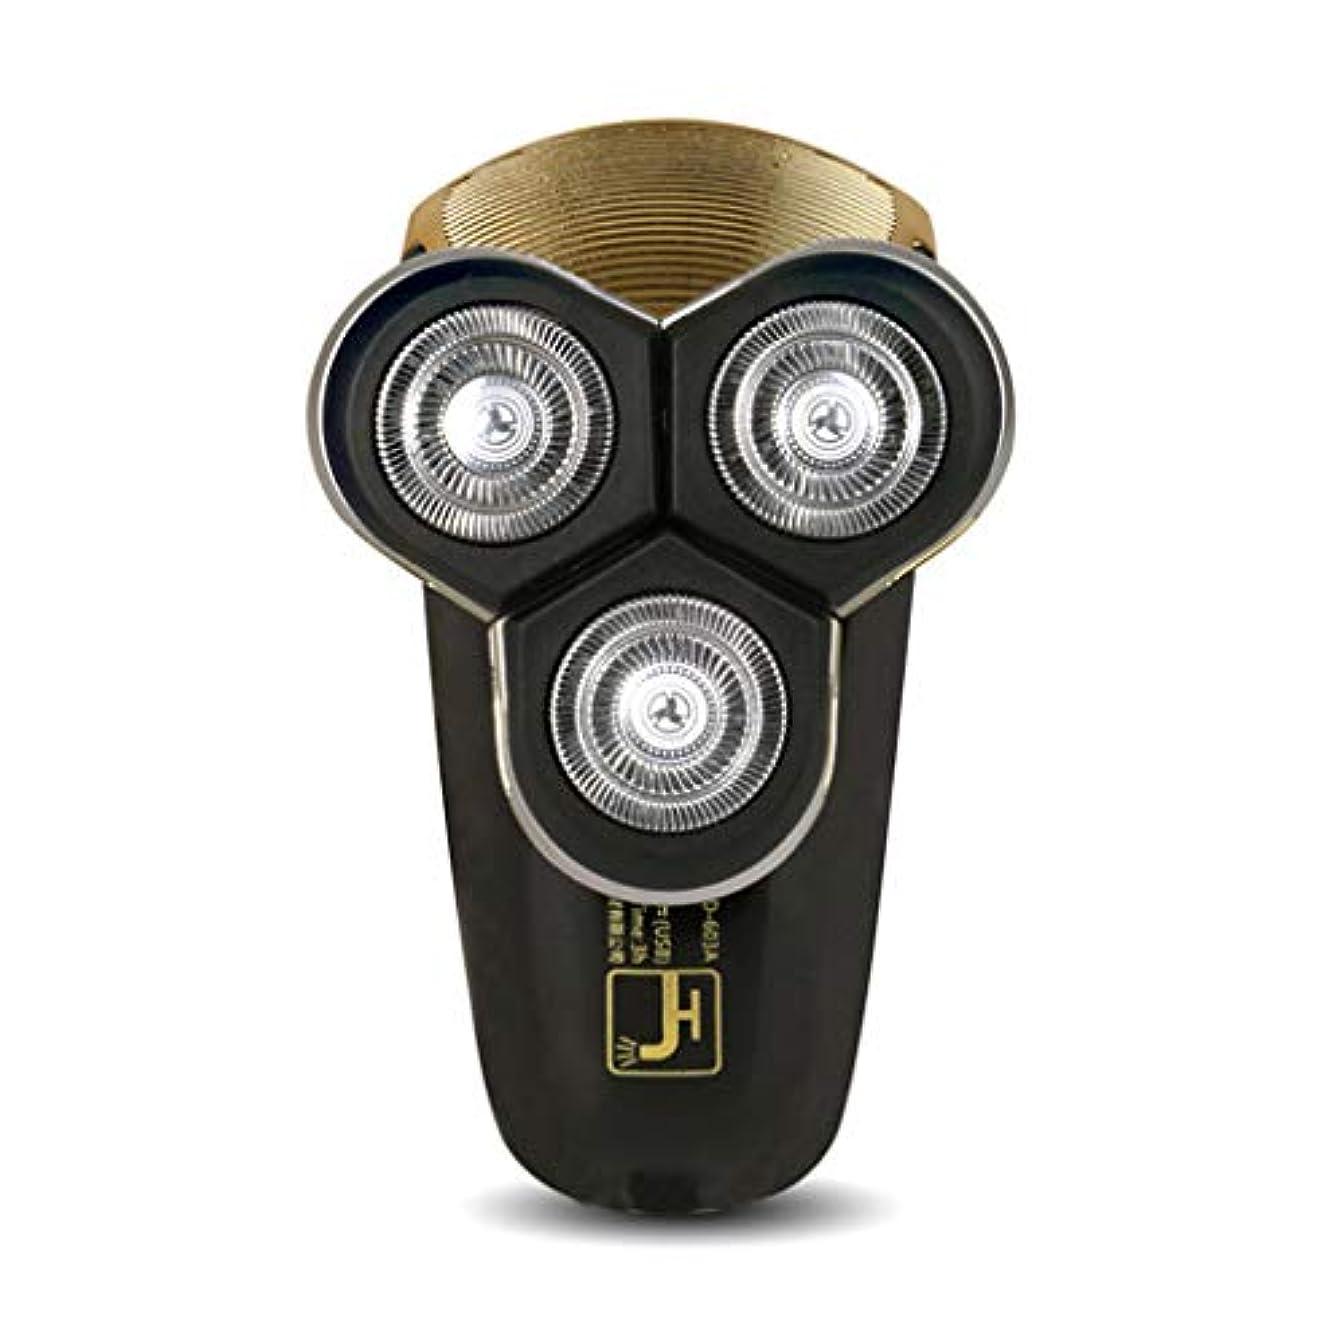 バリケード交換ボタンメンズ電気シェーバー/USB充電コードレスひげトリマー、防水/ウェット&ドライ、ギフト